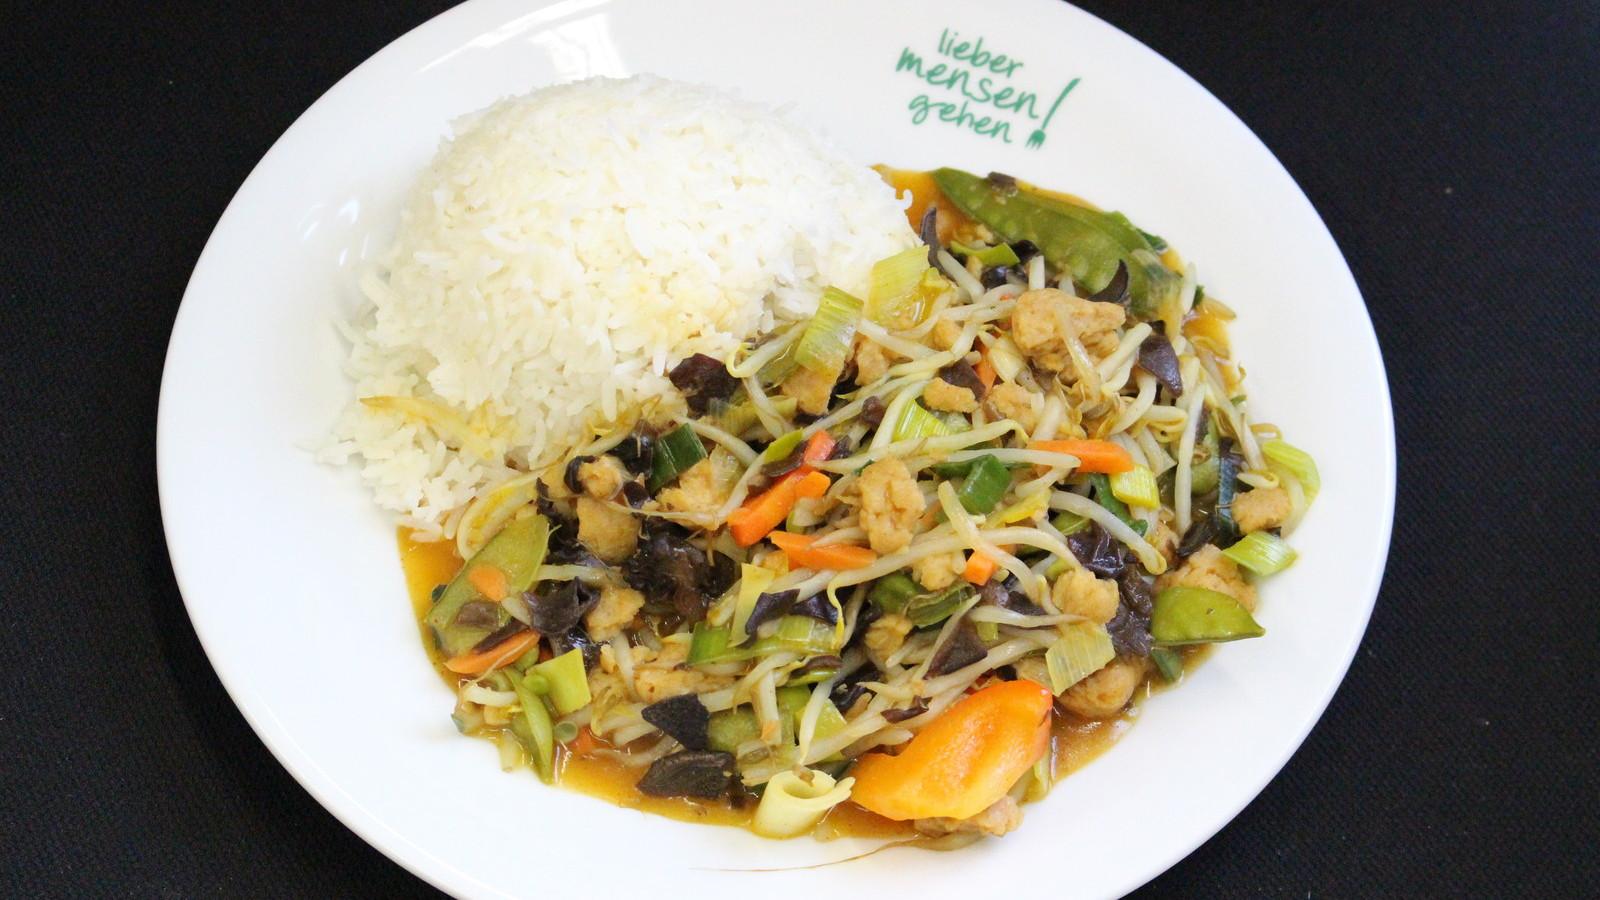 Soja Geschnetzeltes mit Curry, Paprika, Möhre, Lauch und Sprossen, dazu Basmati Reis